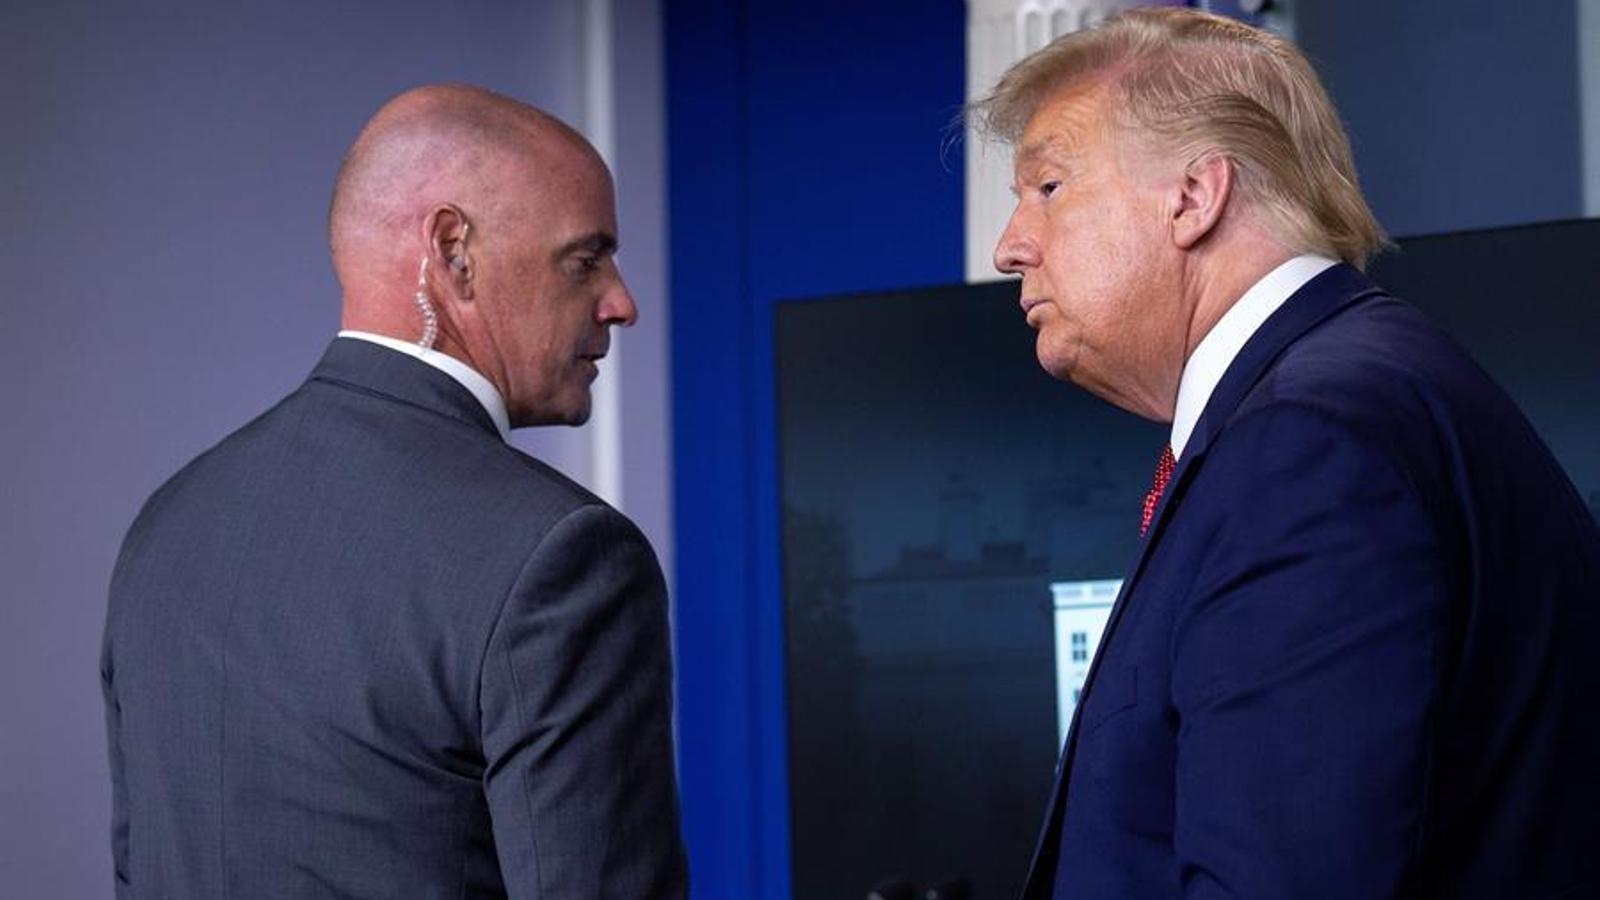 Treuen Trump d'una roda de premsa per un tiroteig fora de la Casa Blanca